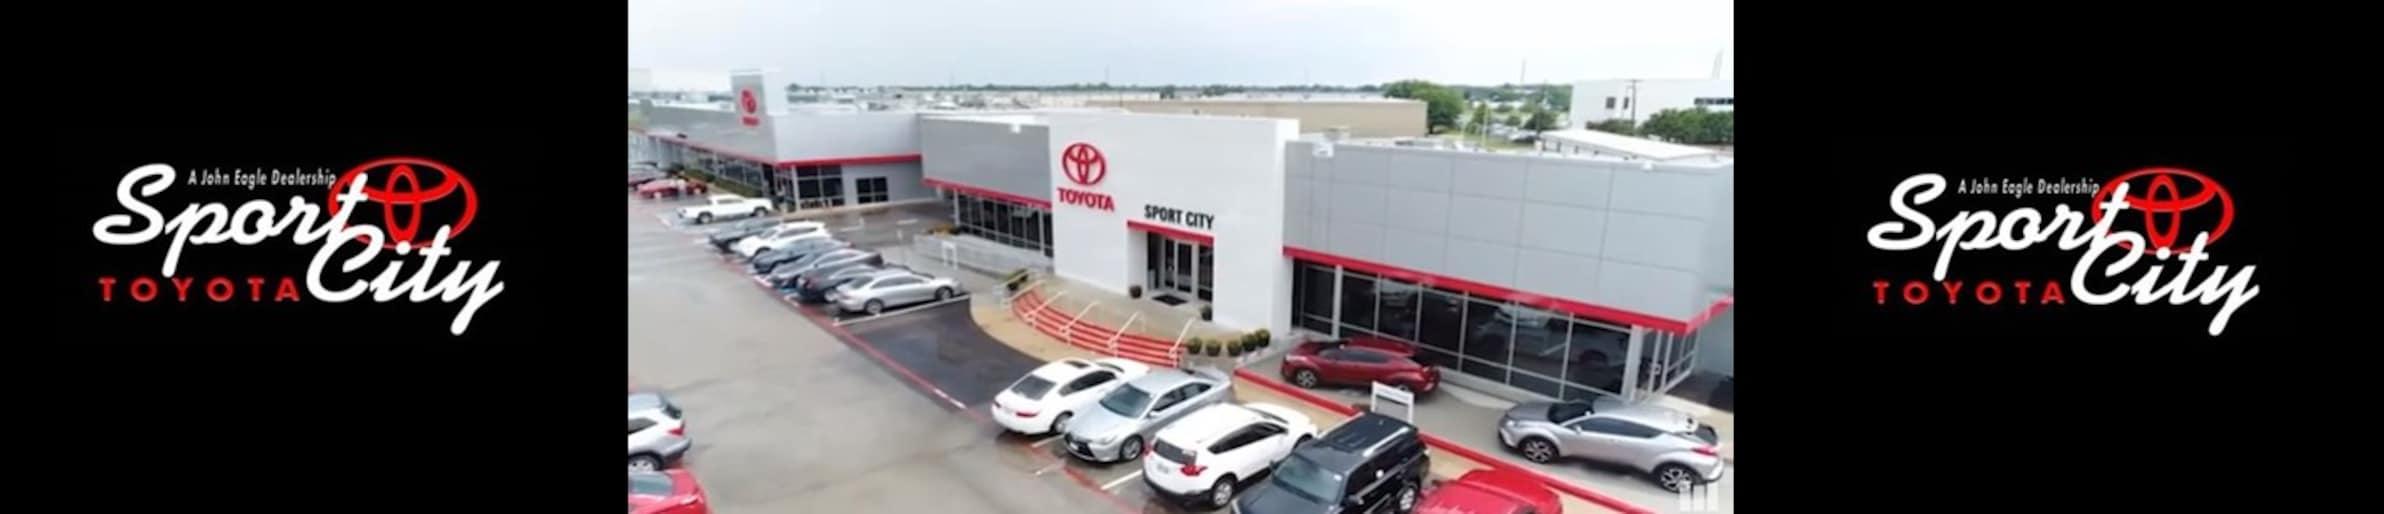 Honda auto service center serving dallas fort worth for Sport city motors dallas